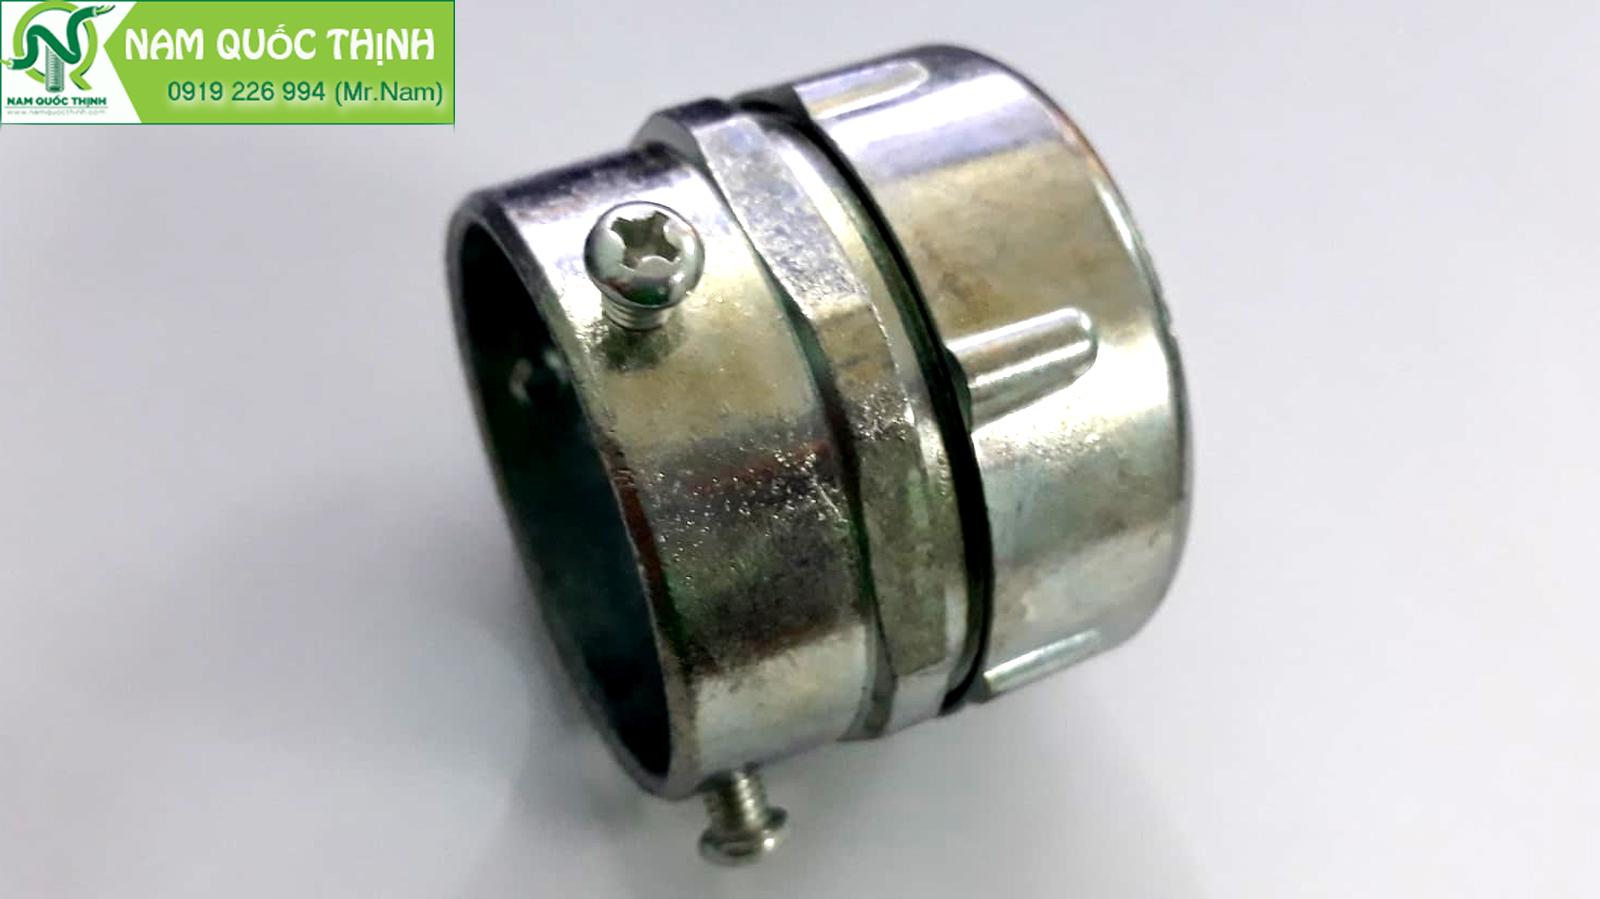 Đầu nối ống ruột gà với ống thép trơn EMT 1 1/4 inch